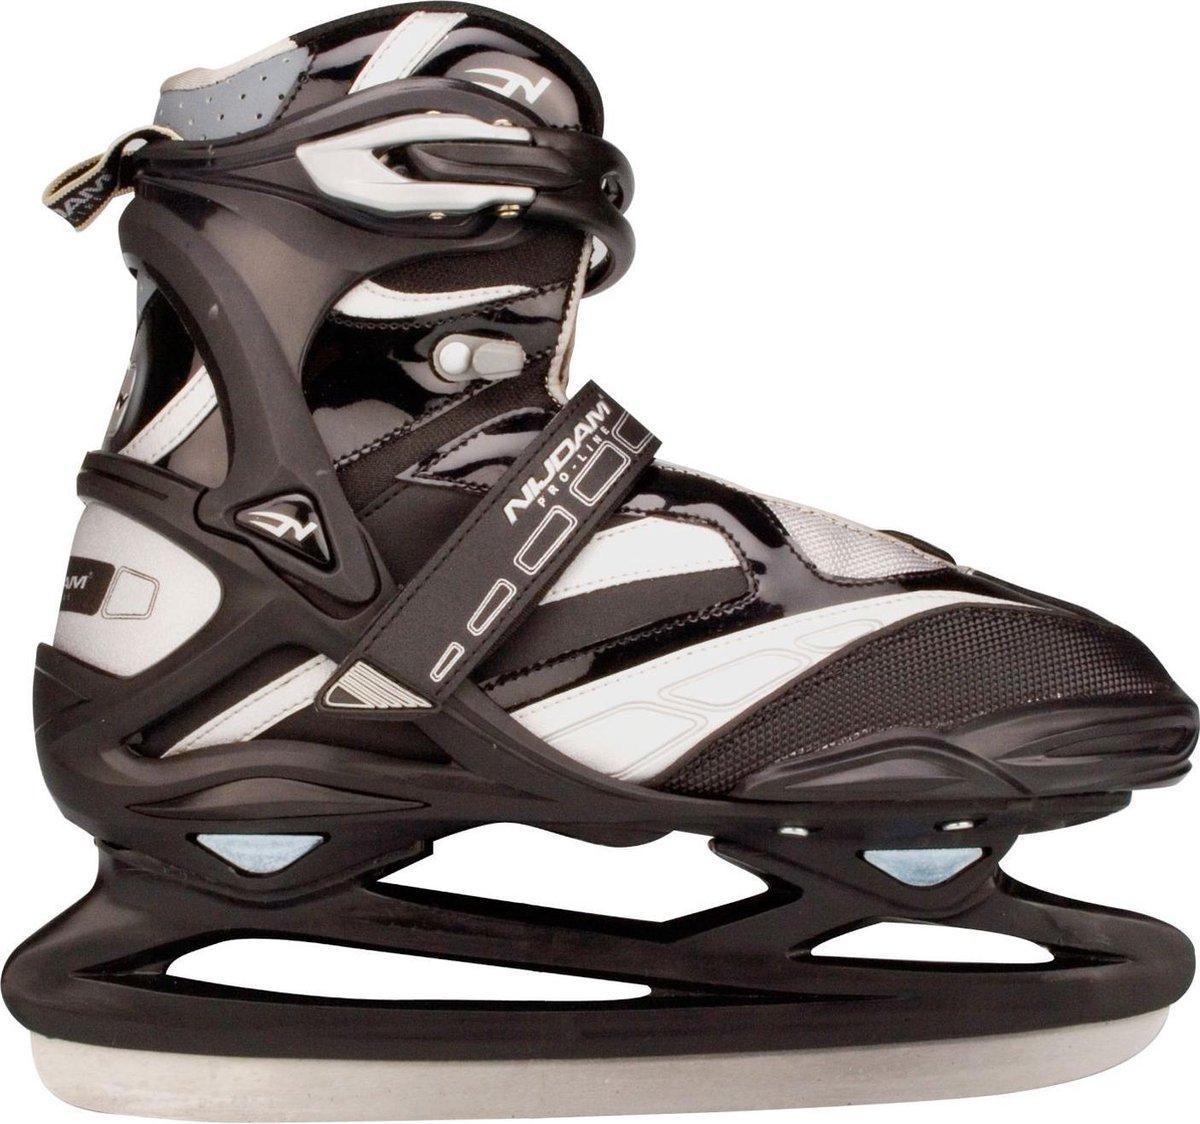 Nijdam 3382 Pro Line IJshockeyschaats - Schaatsen - Unisex - Volwassenen - Zilver - Maat 43